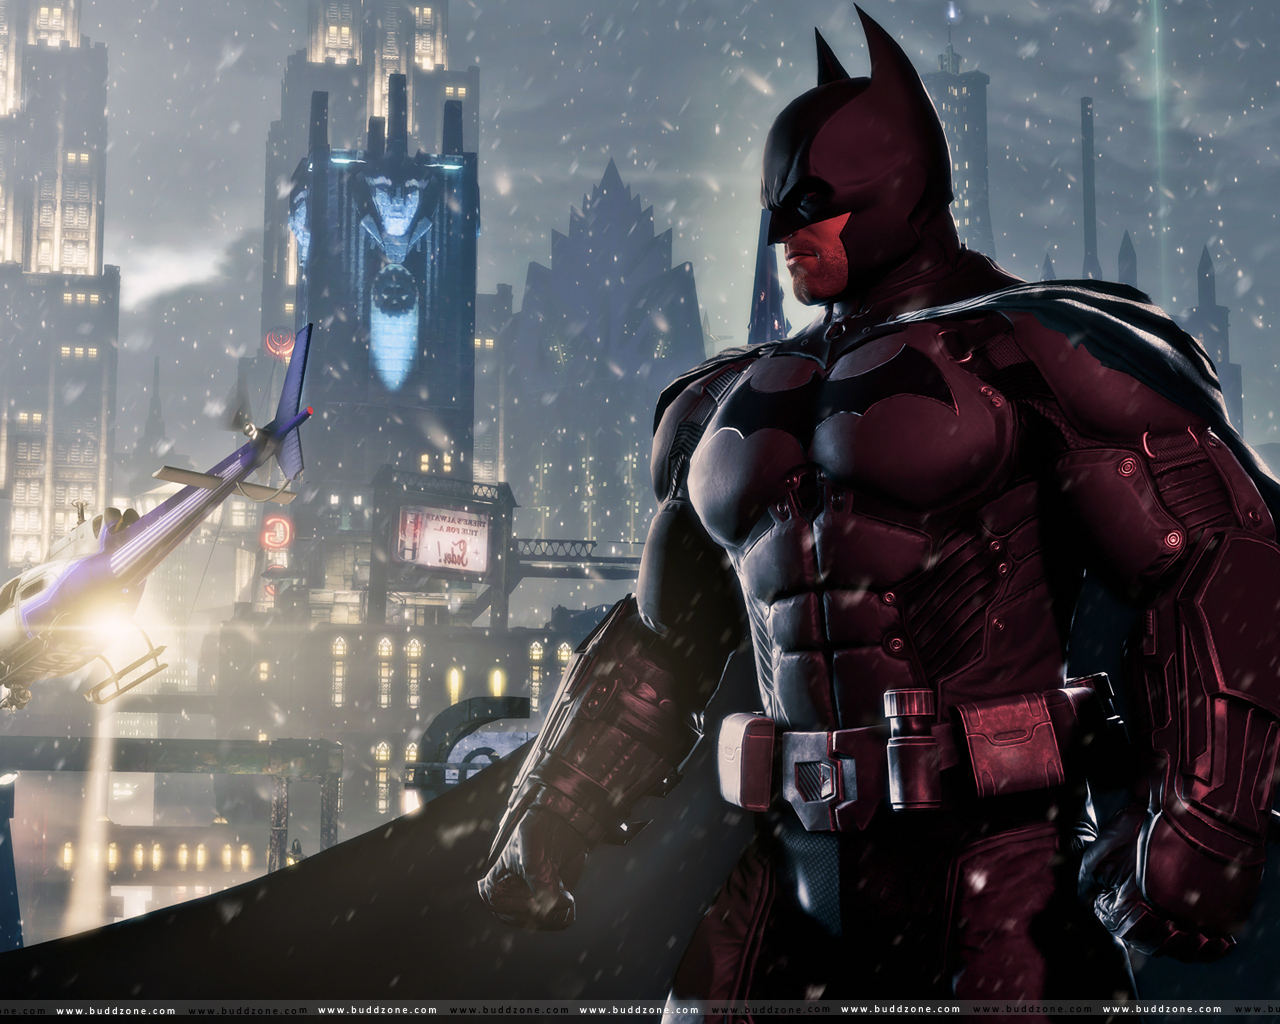 Batman Arkham Origins Wallpaper: Wallpaper Batman Arkham Origins